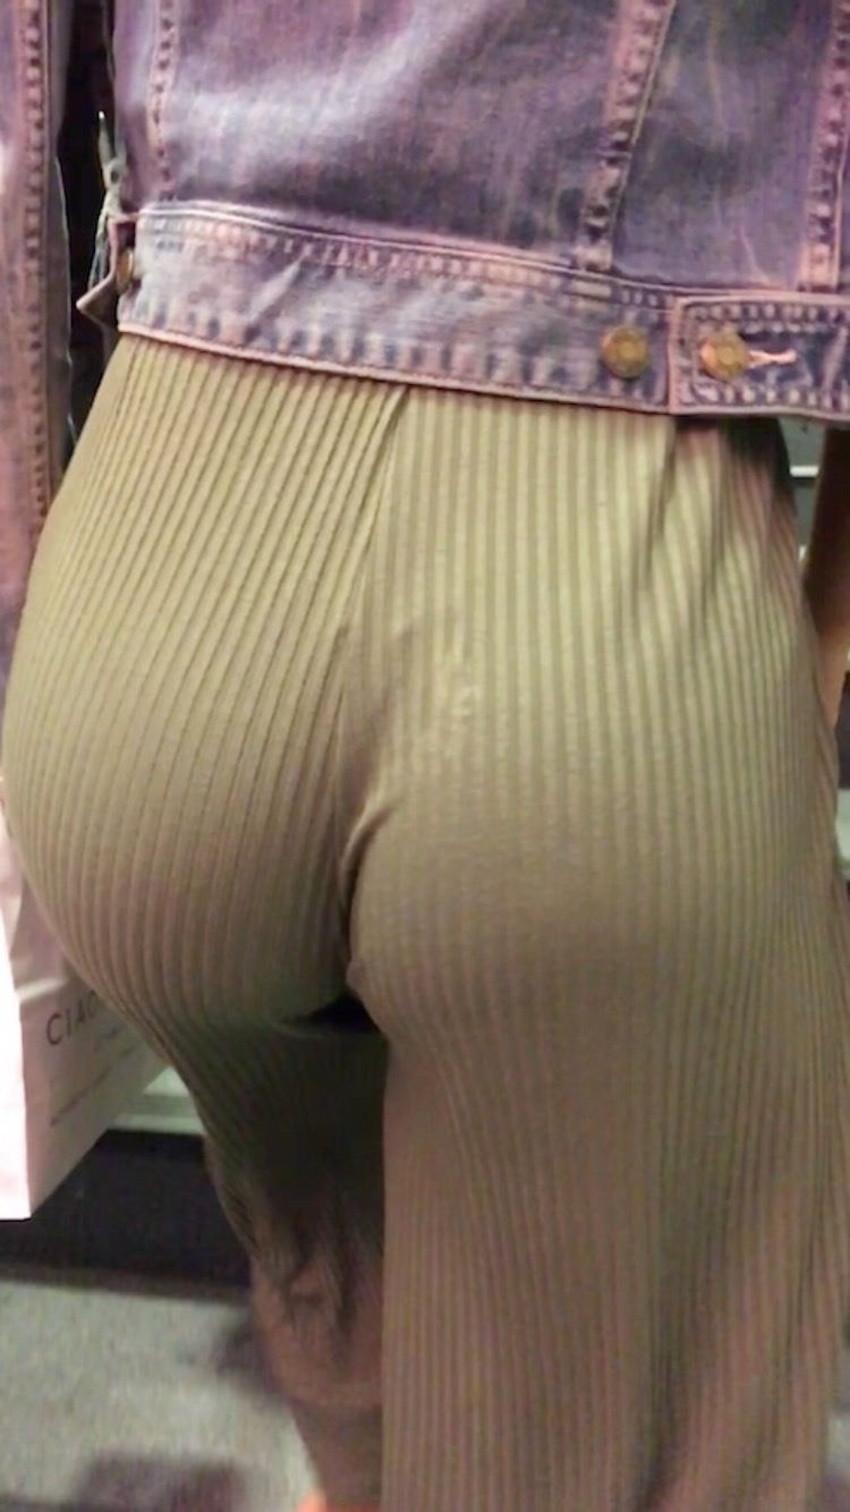 【ガウチョパンツエロ画像】街中で透けパンやパンティーラインが盗撮できちゃうガウチョパンツのエロ画像集ww!w【80枚】 46